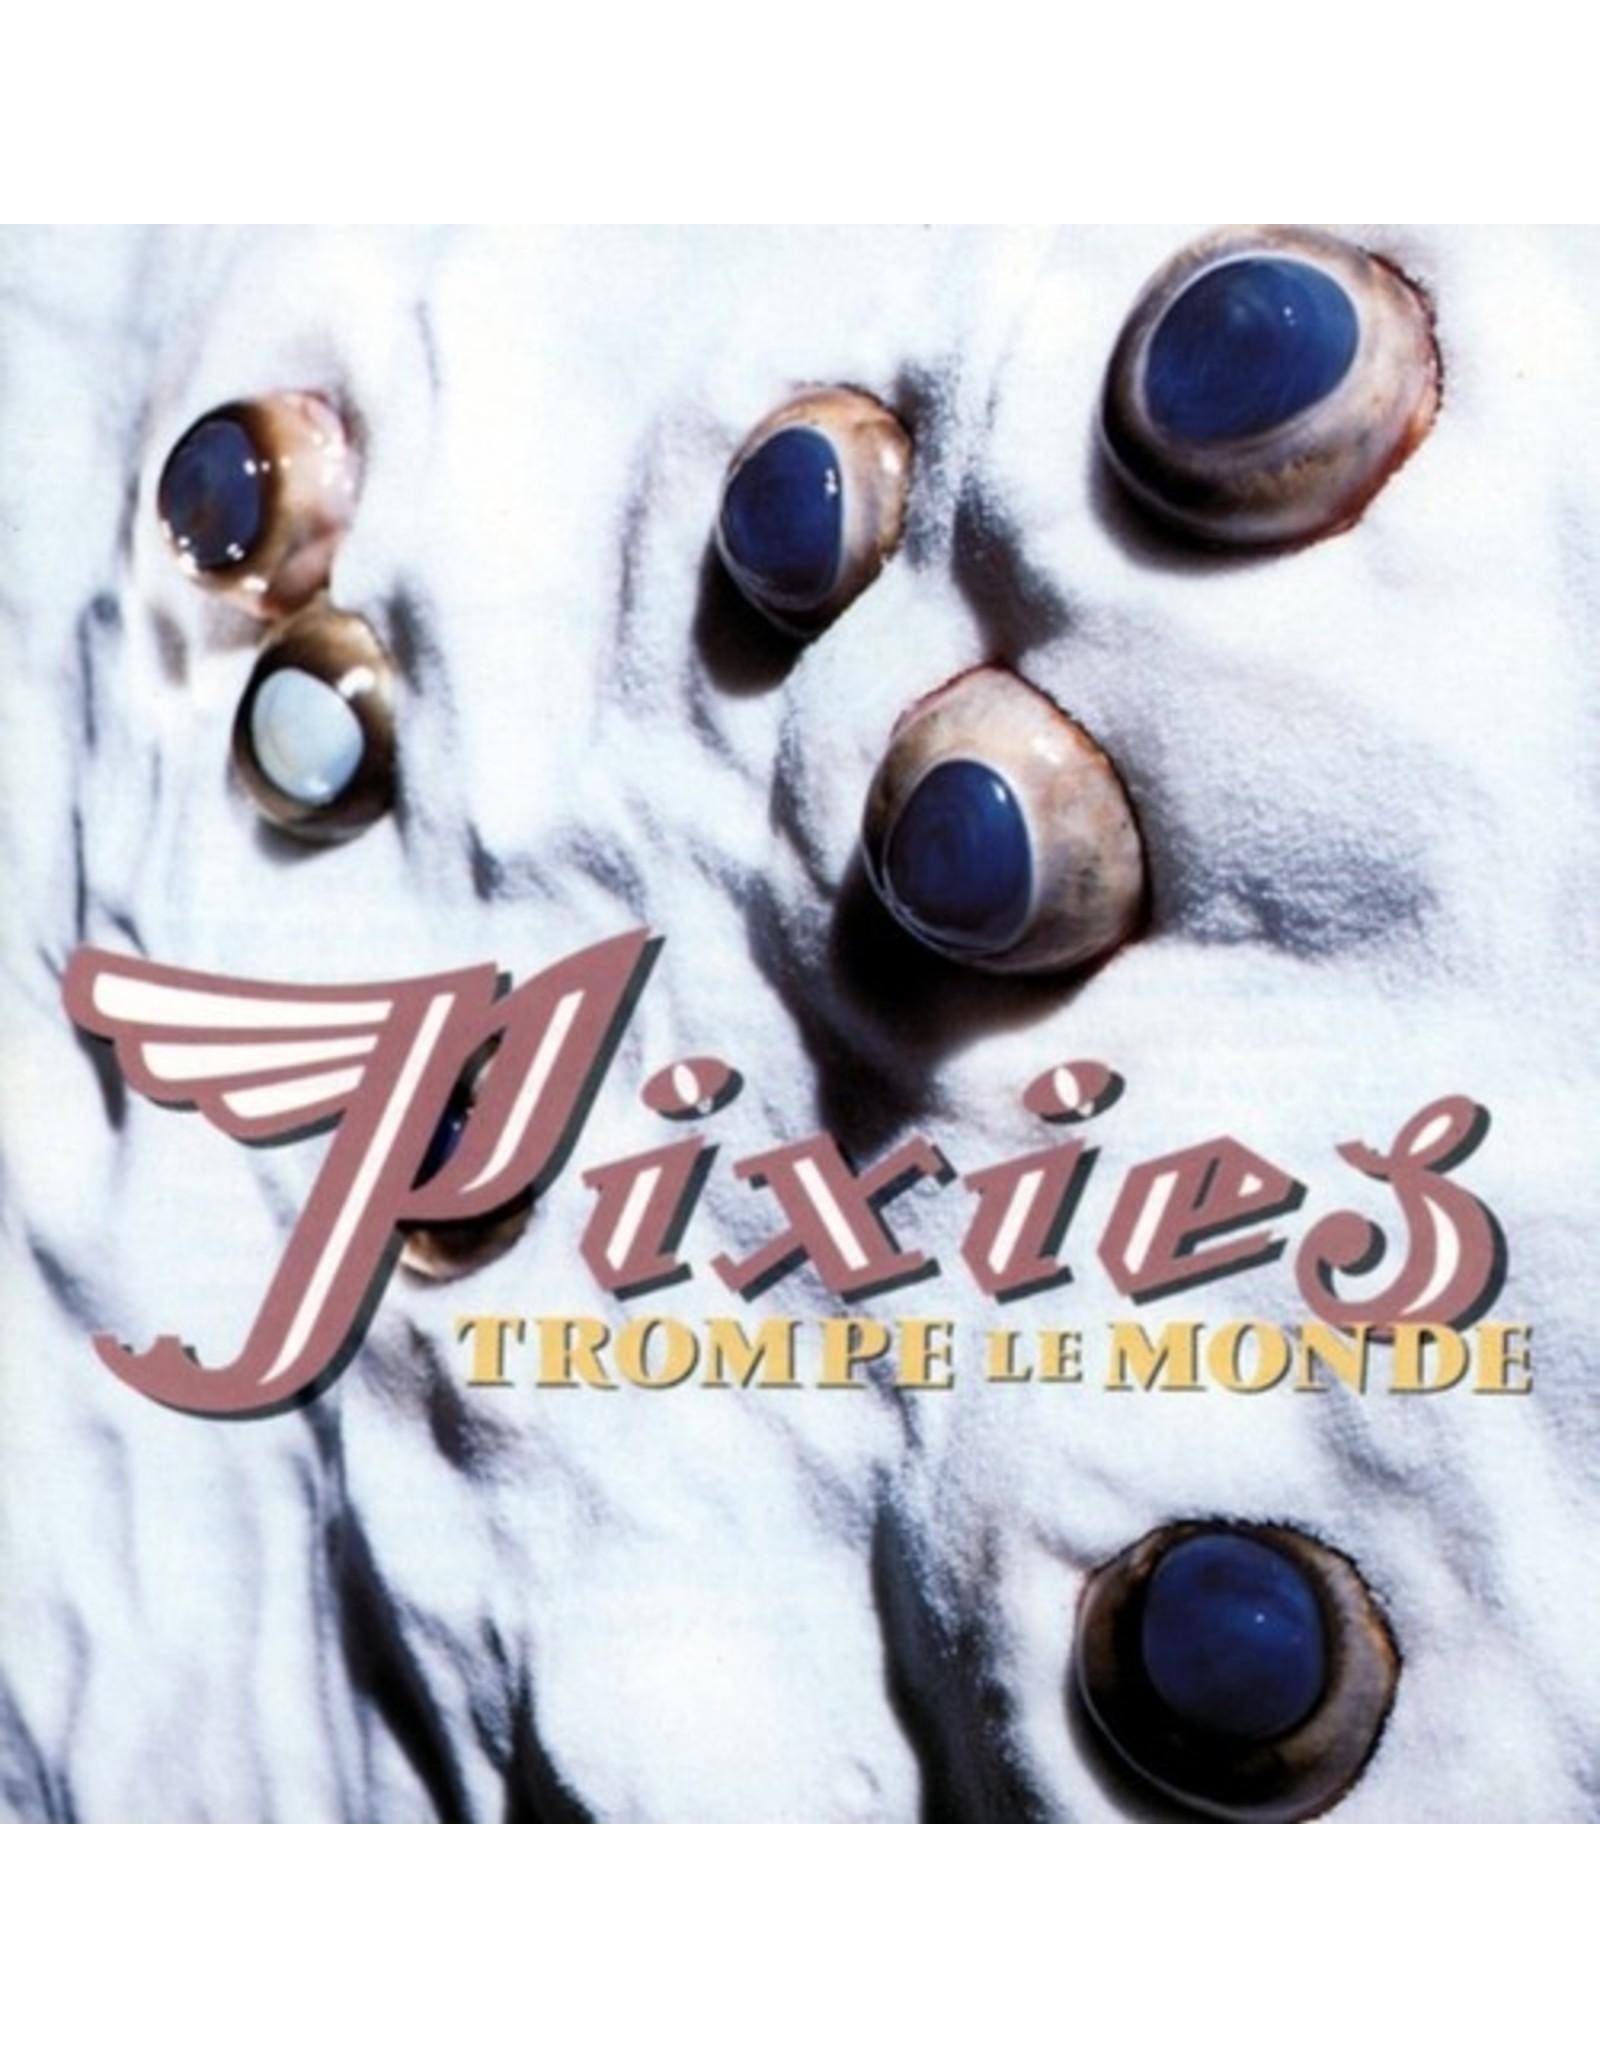 New Vinyl Pixies - Trompe Le Monde LP